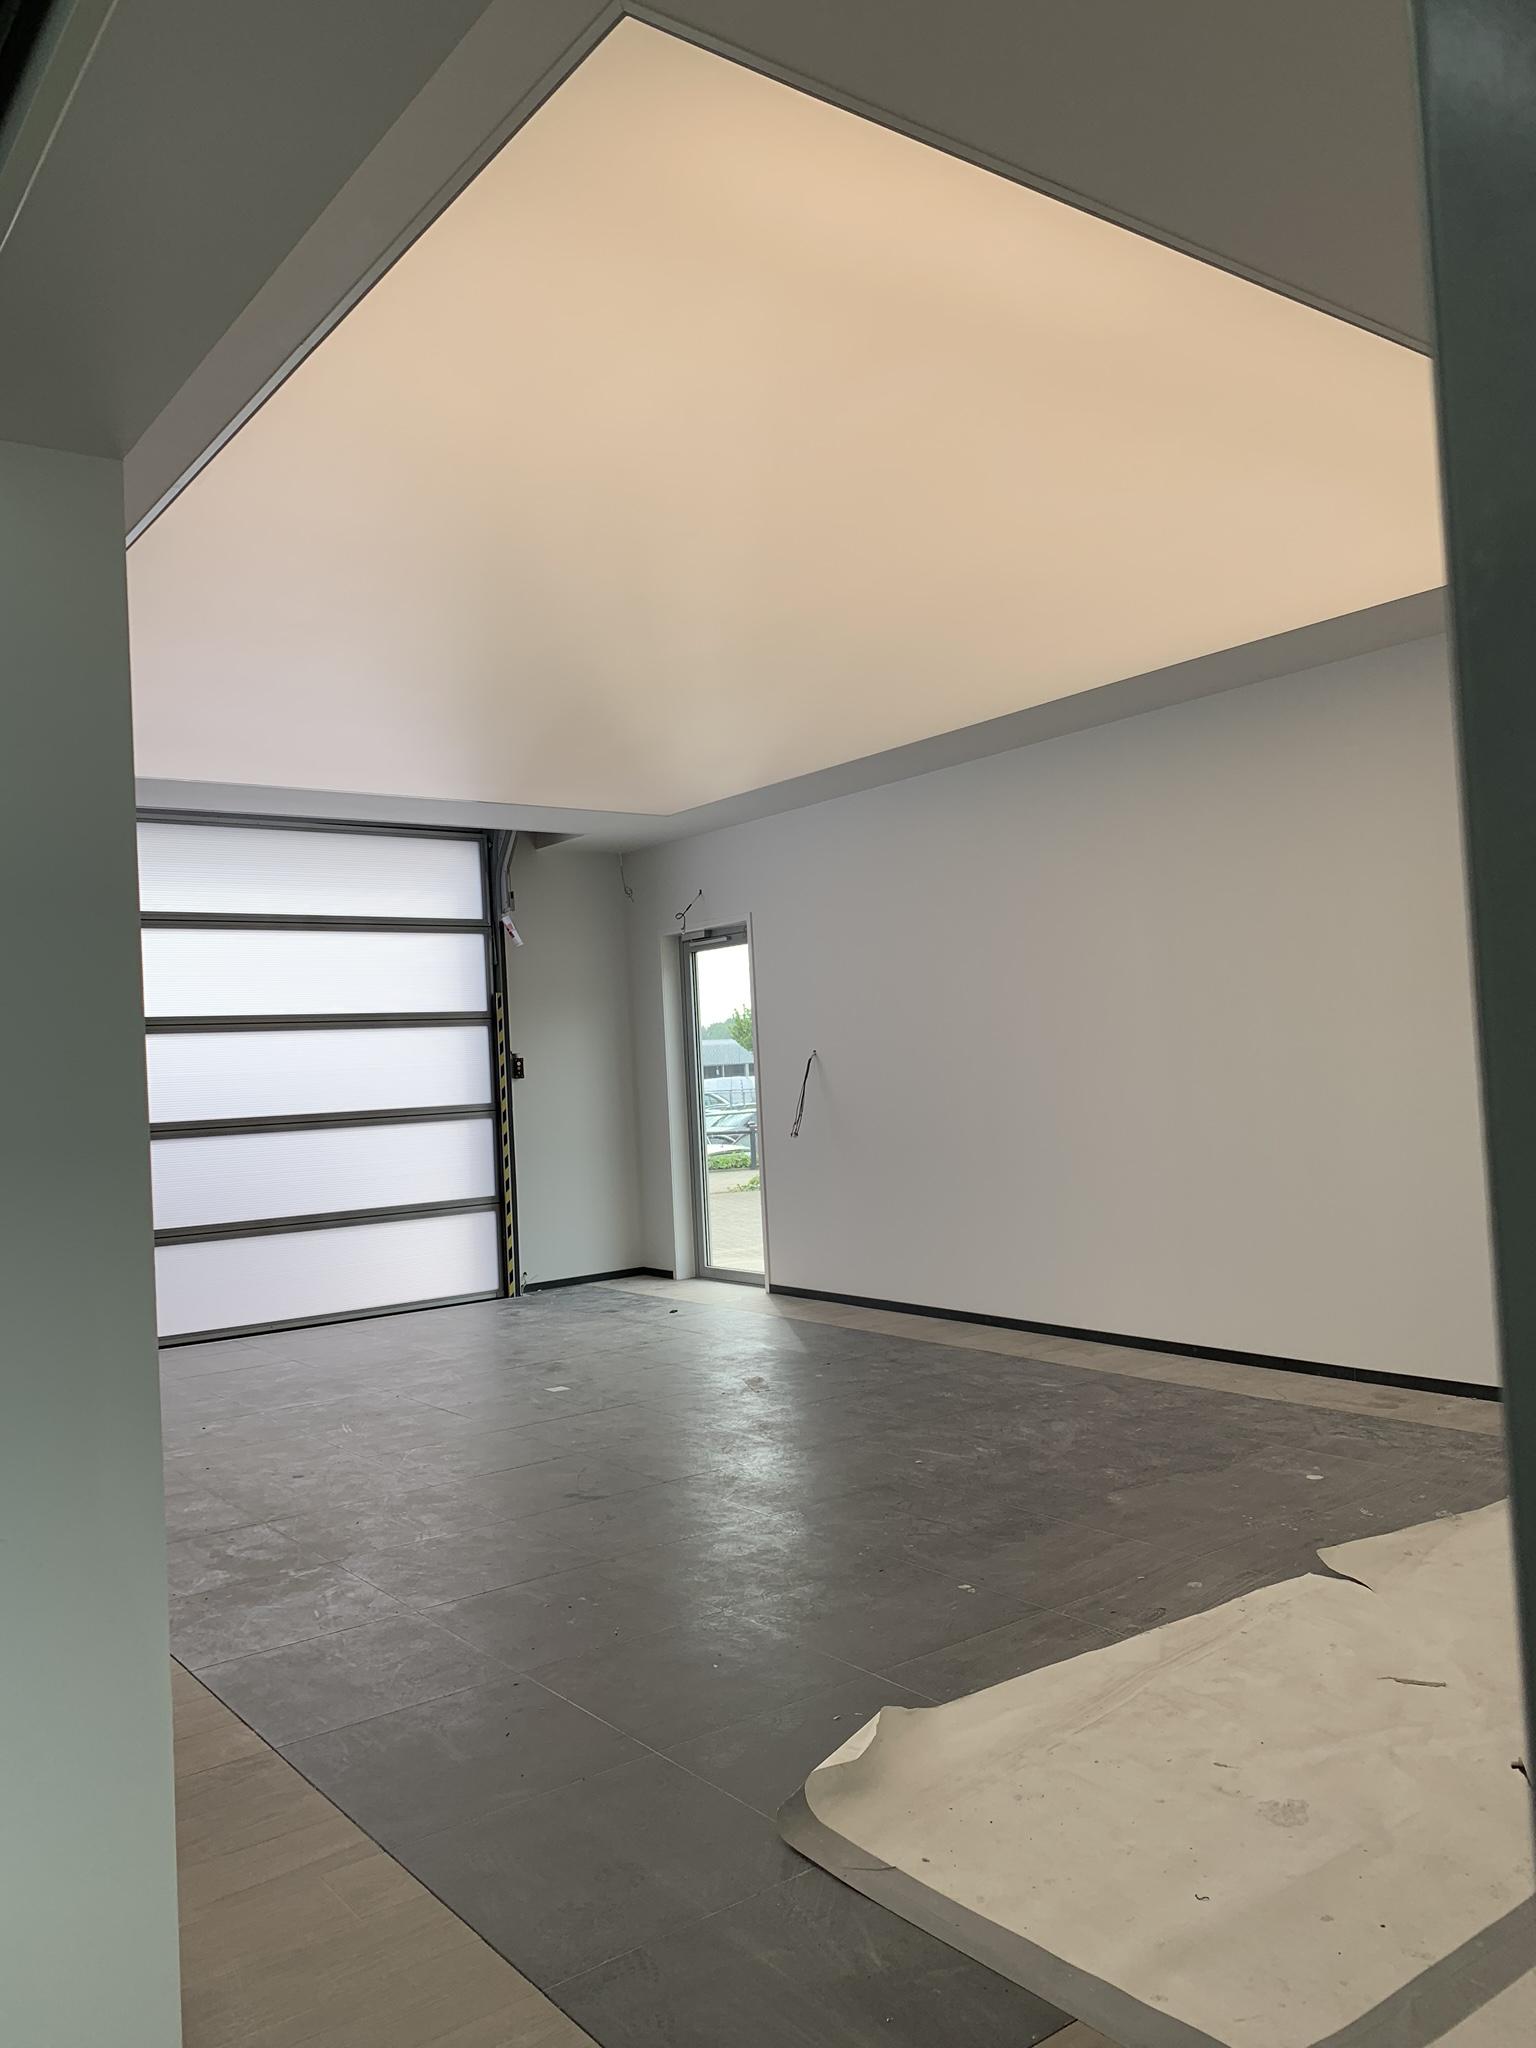 lichtprint spanplafond in garages